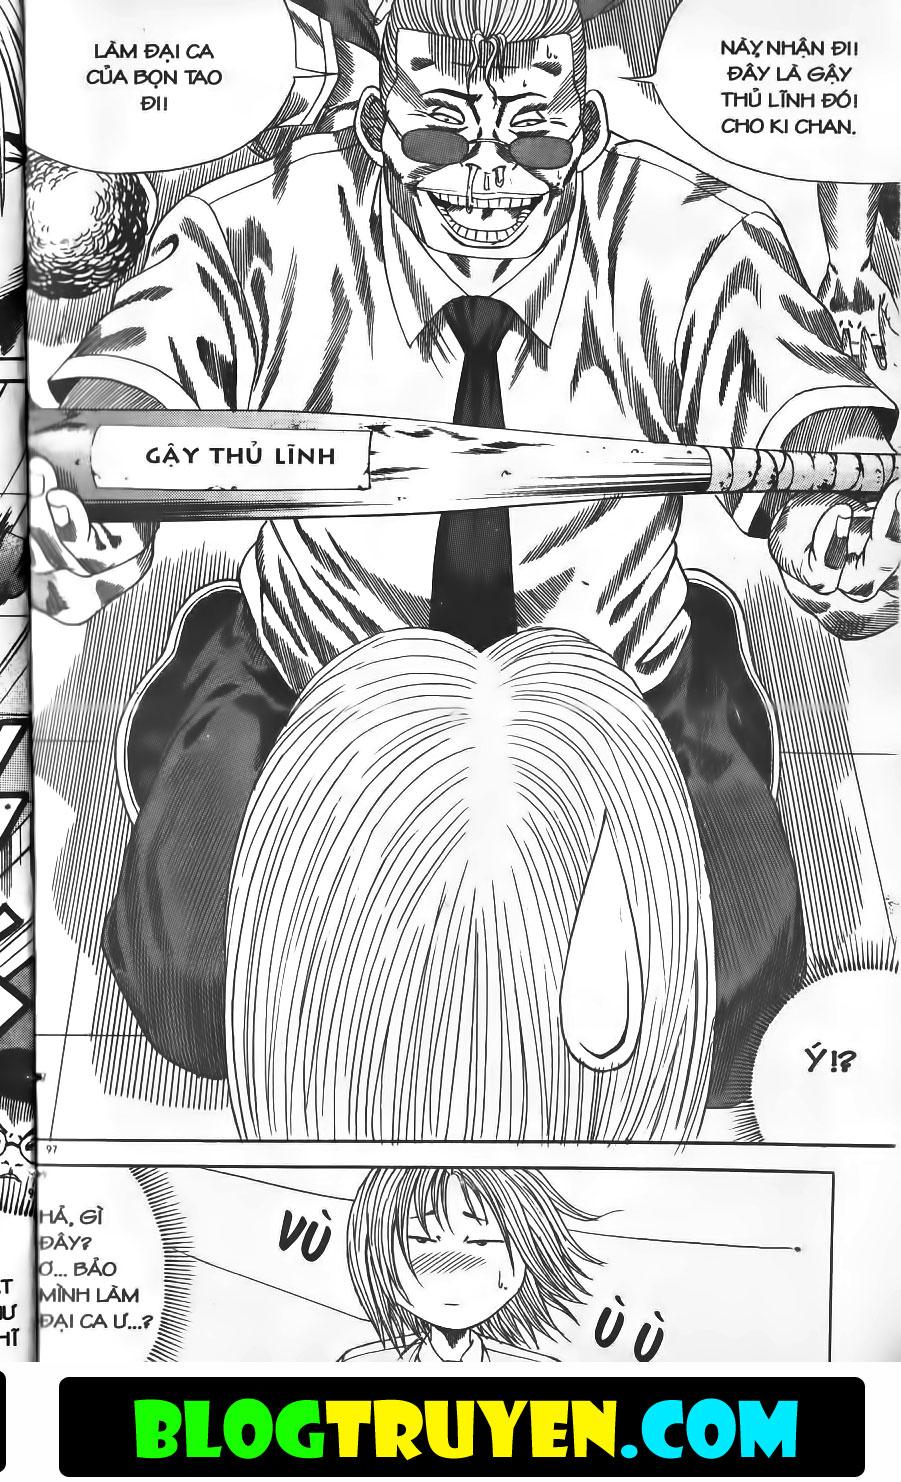 Bitagi - Anh chàng ngổ ngáo chap 145 trang 12